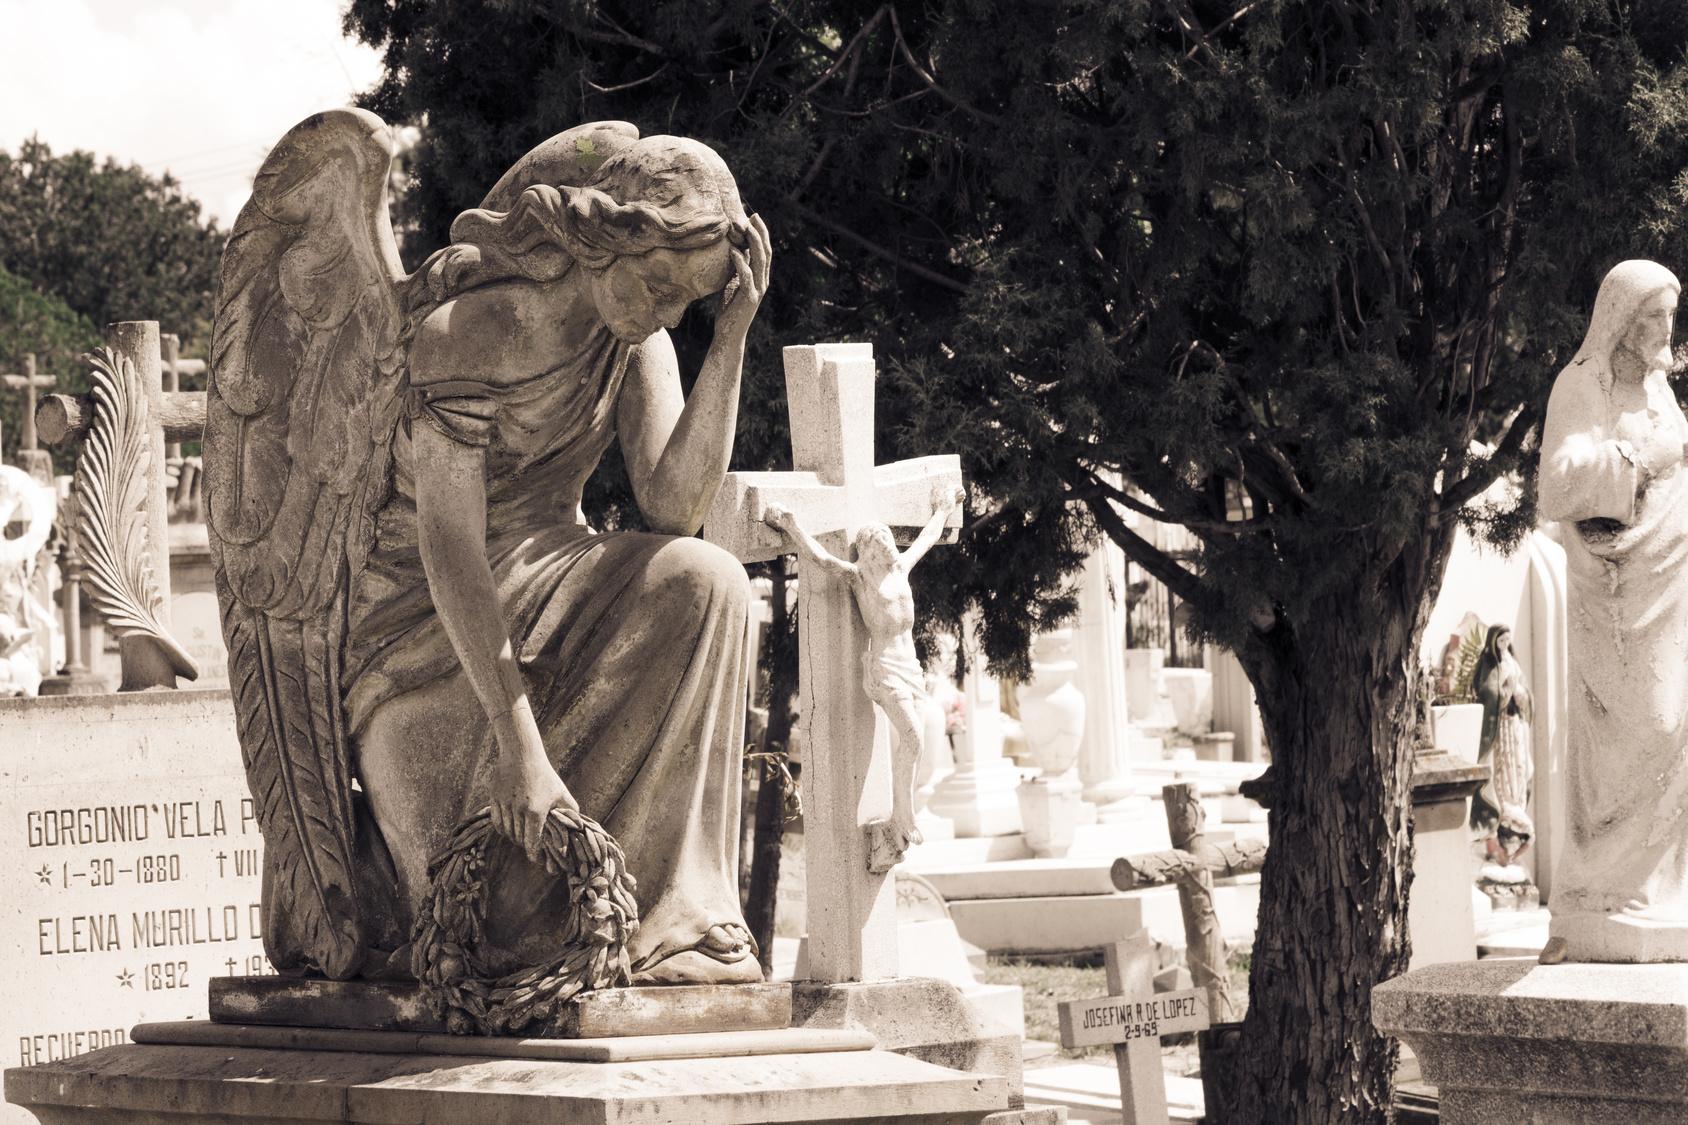 Onoranze Funebri Molendi OIinto Lavori cimiteriali